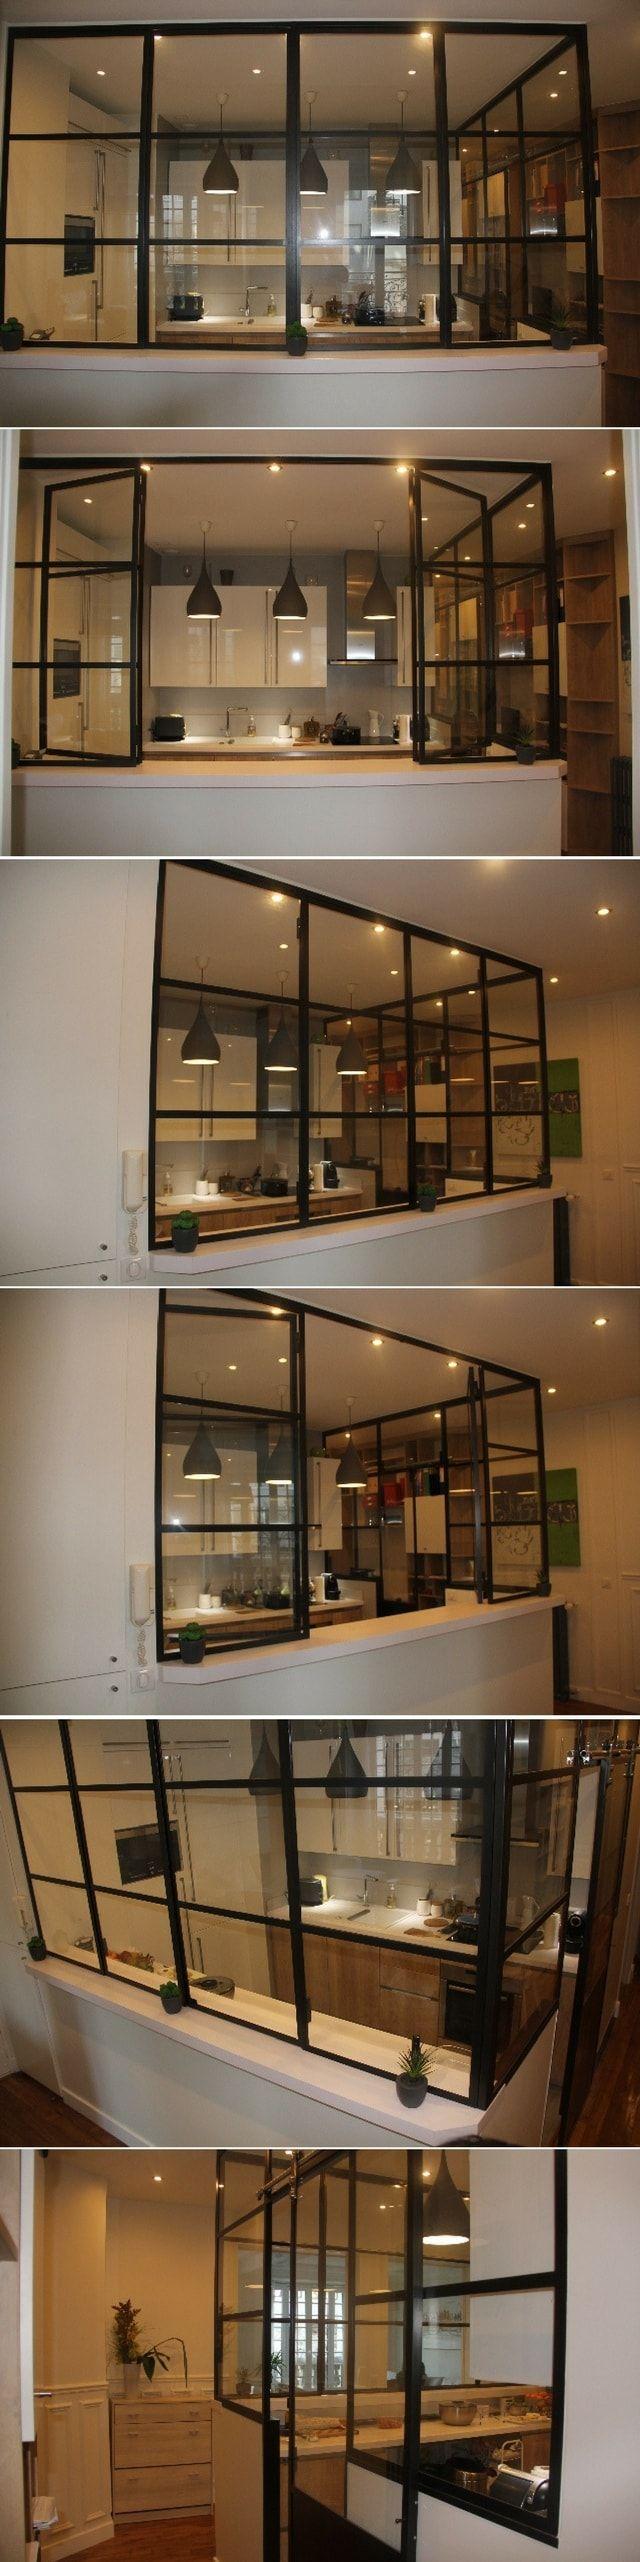 Pratique et décorative : la verrière intérieure avec 2 panneaux ouvrants    http://www.homelisty.com/verriere-interieure/